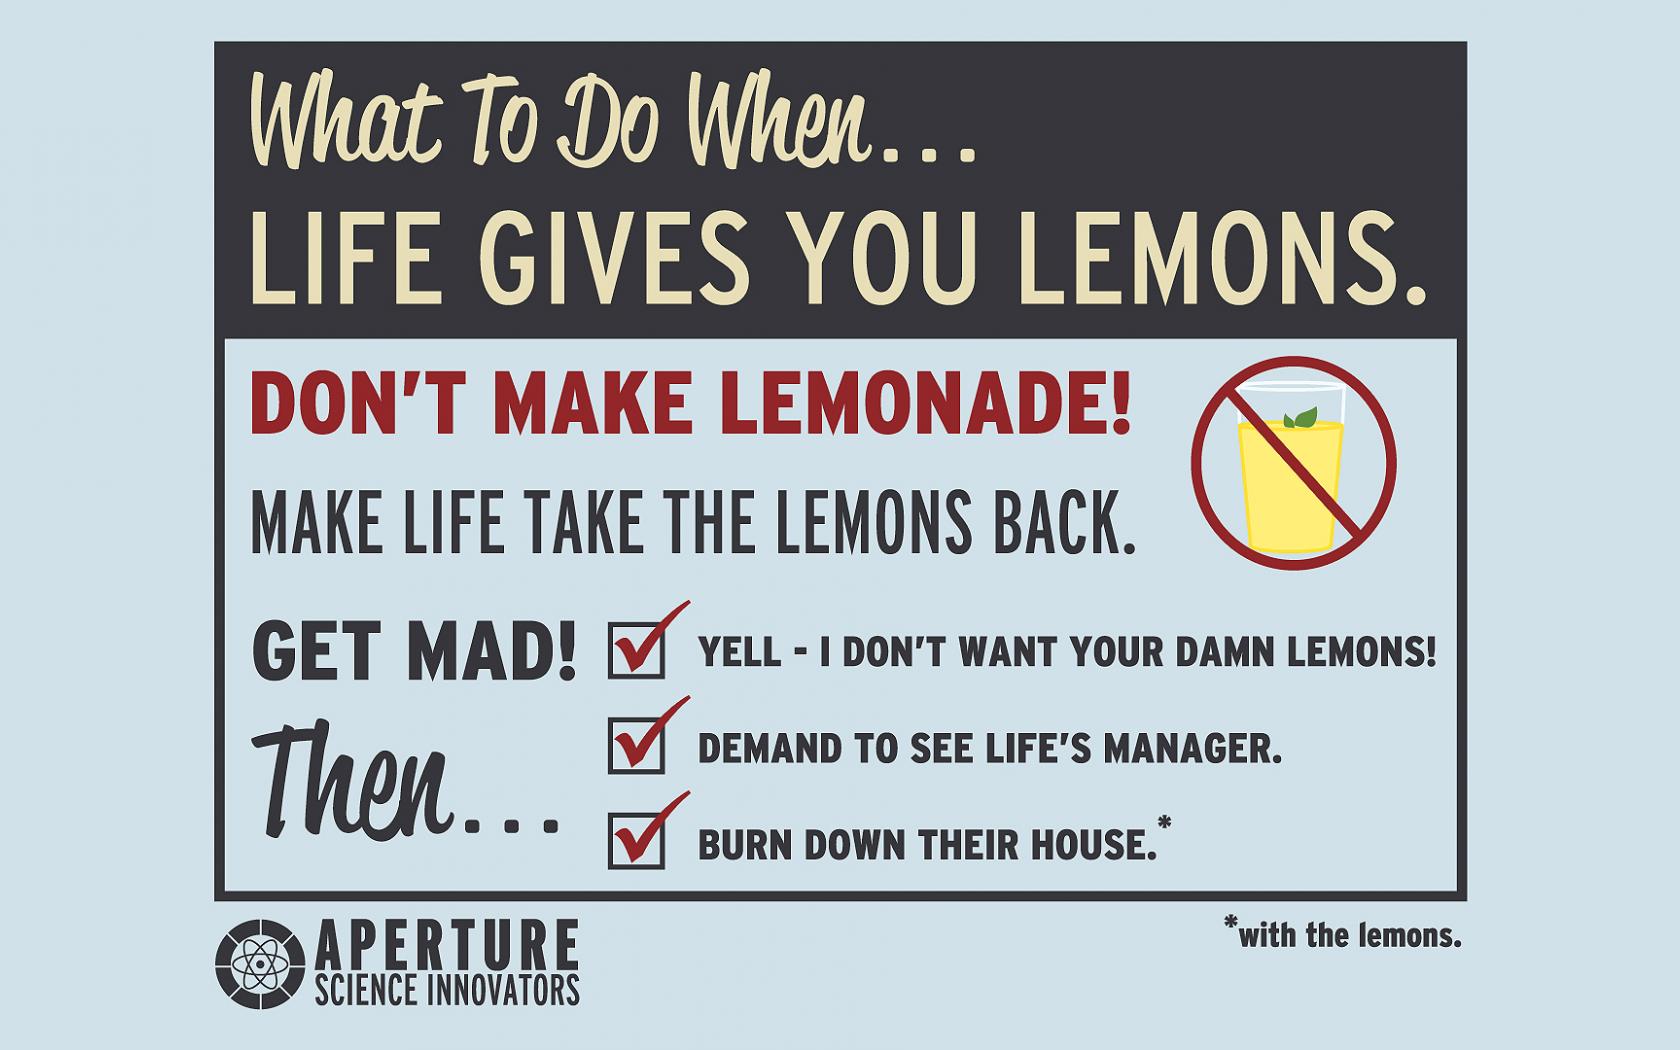 When Life Gives You Lemons Jokes